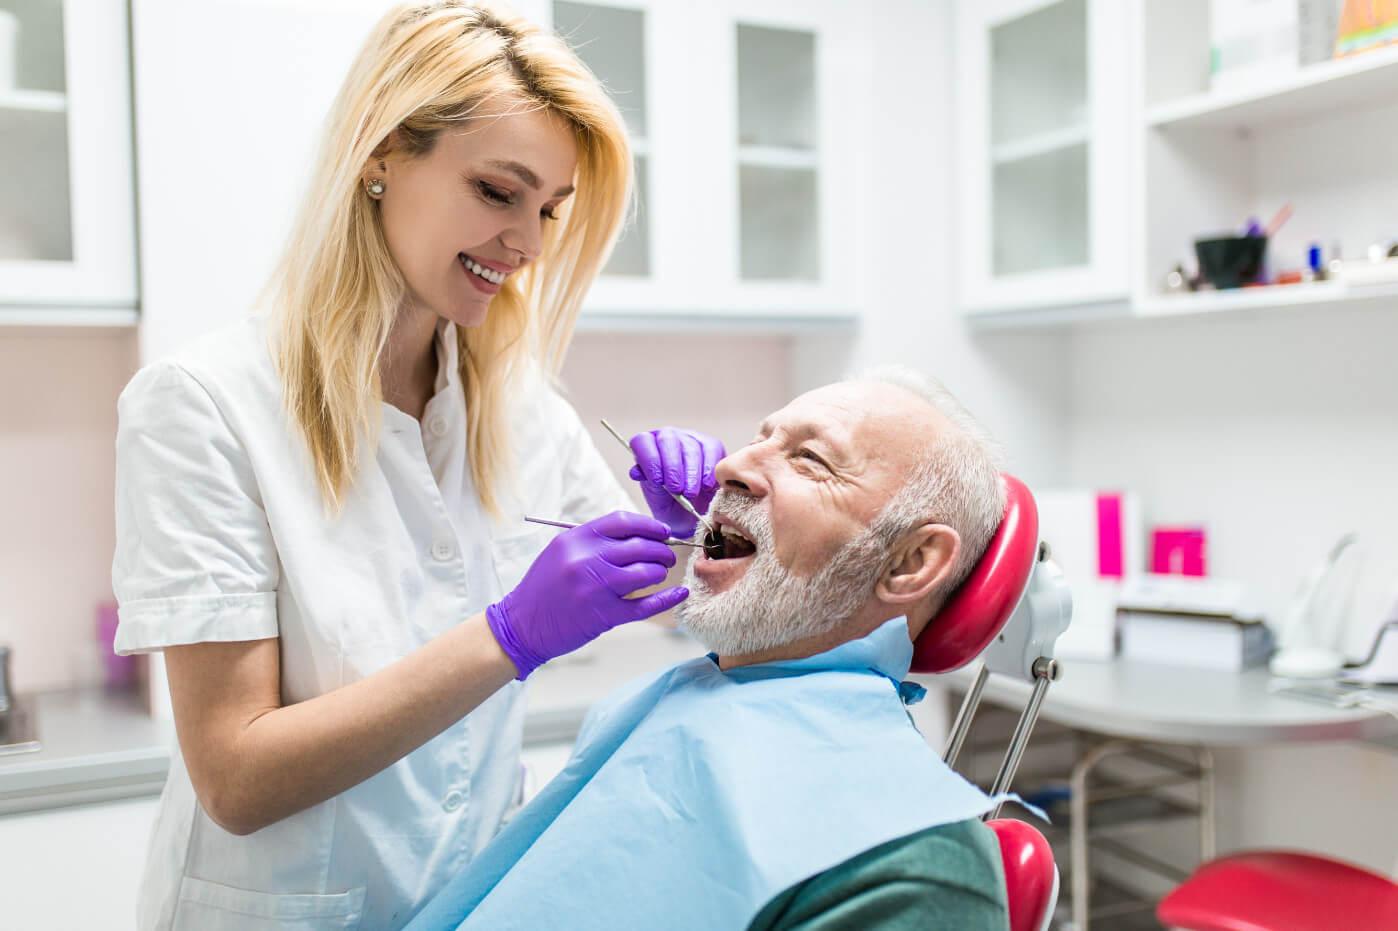 Как проходит имплантация зубов, уход после операции фото